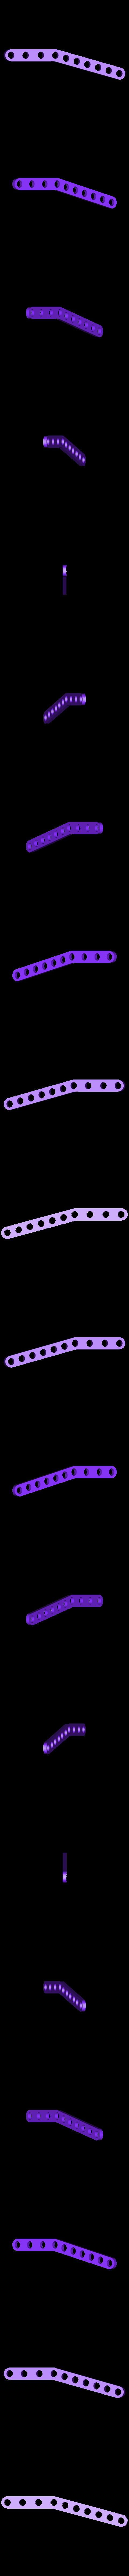 Braccio_Pala.stl Télécharger fichier STL gratuit Véhicule d'assemblage de bricolage • Objet pour impression 3D, Tanleste46